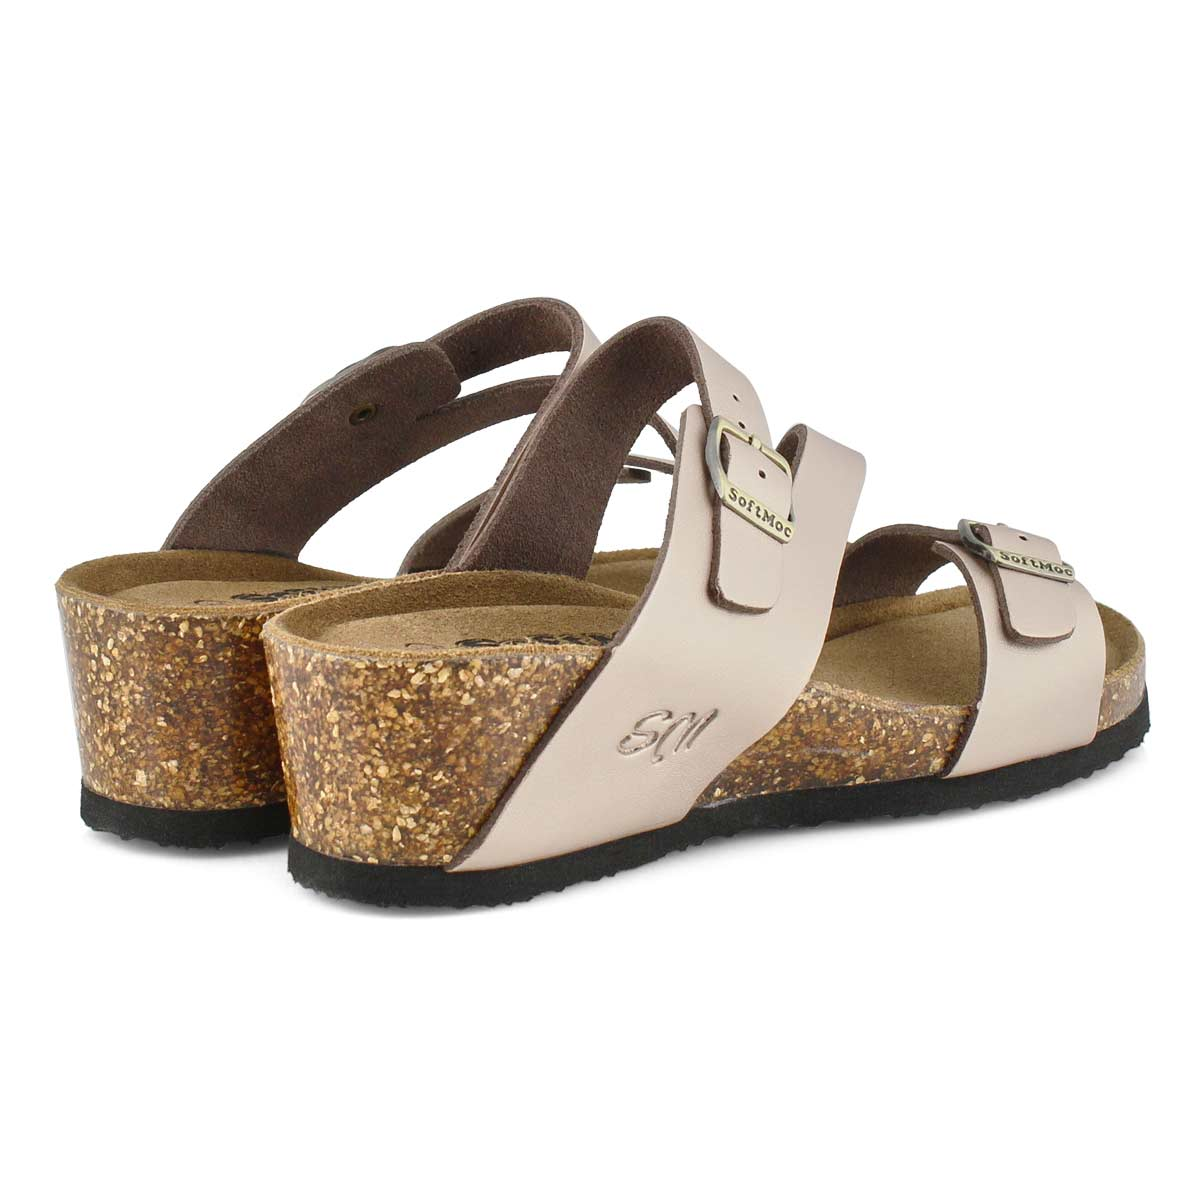 Lds Althea 5 rse gld mem foam wdg sandal